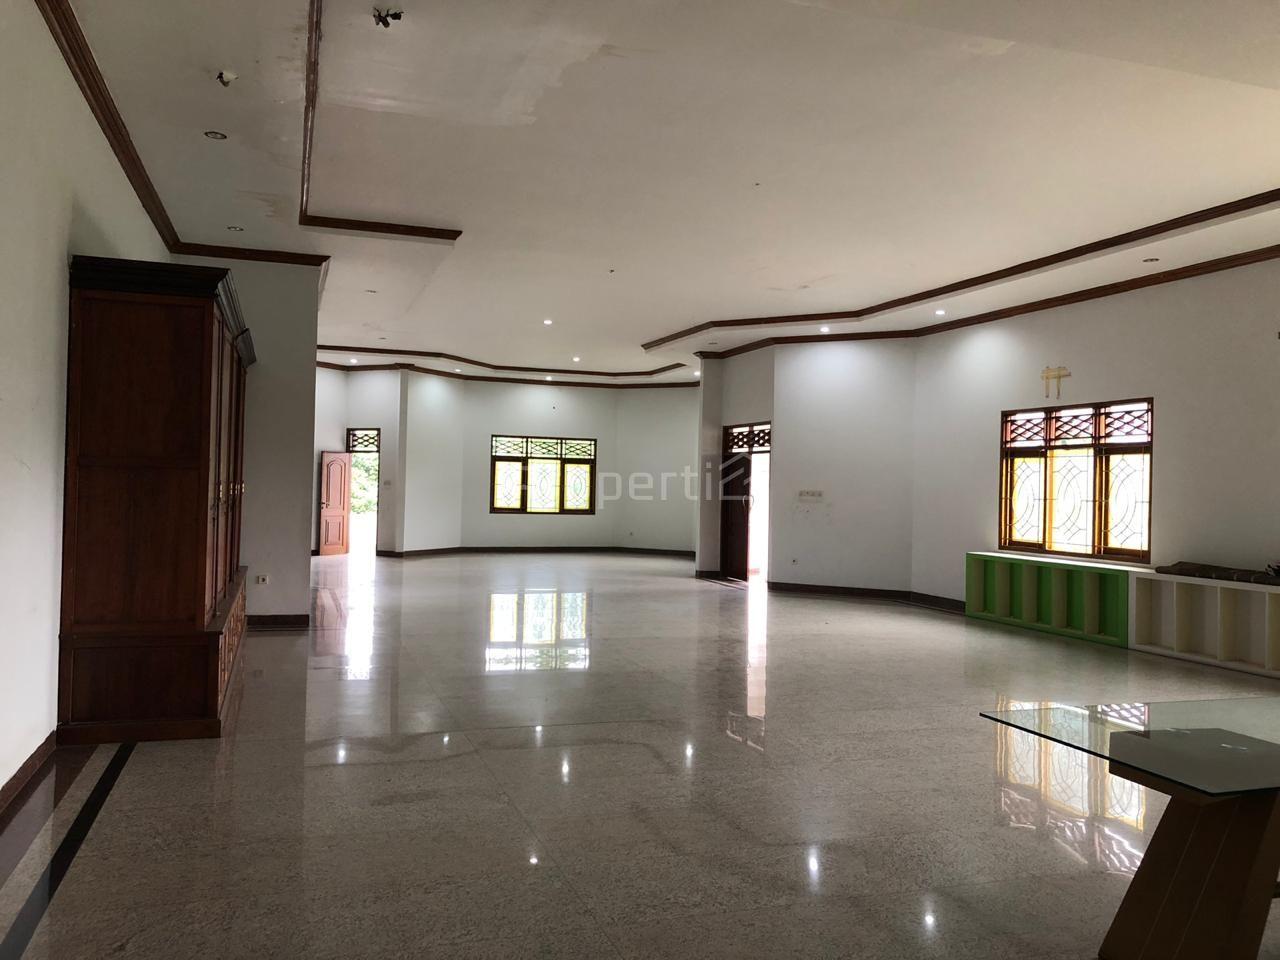 Rumah Istimewa di Lebak Bulus, Jakarta Selatan